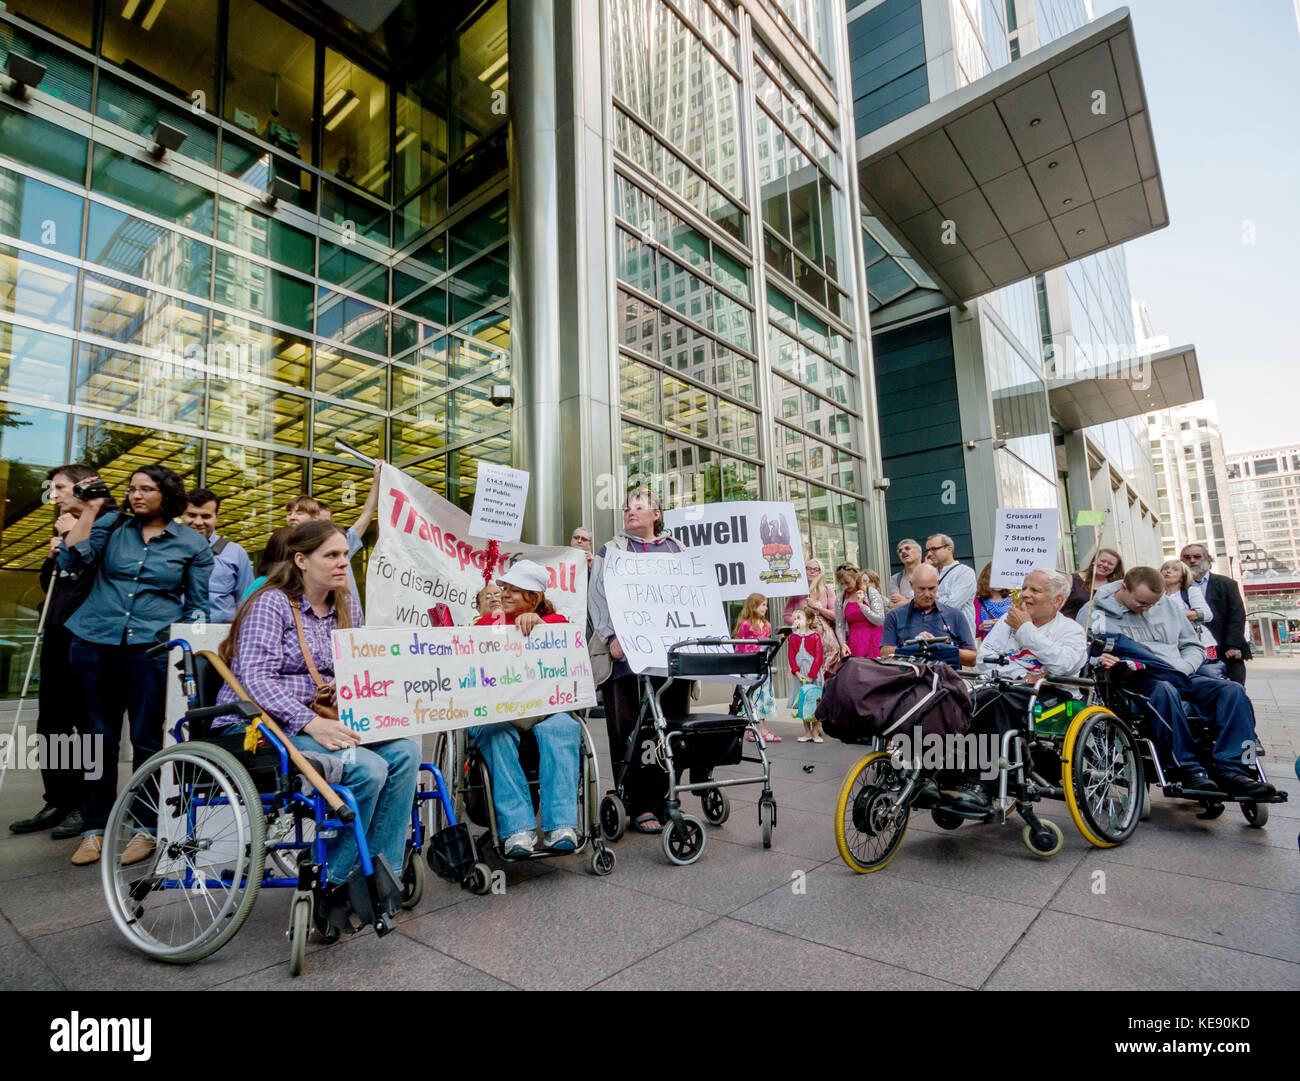 Disabilità gli attivisti protesta al di fuori della testa Crossrail edificio per uffici a Canary Wharf, Londra, Immagini Stock